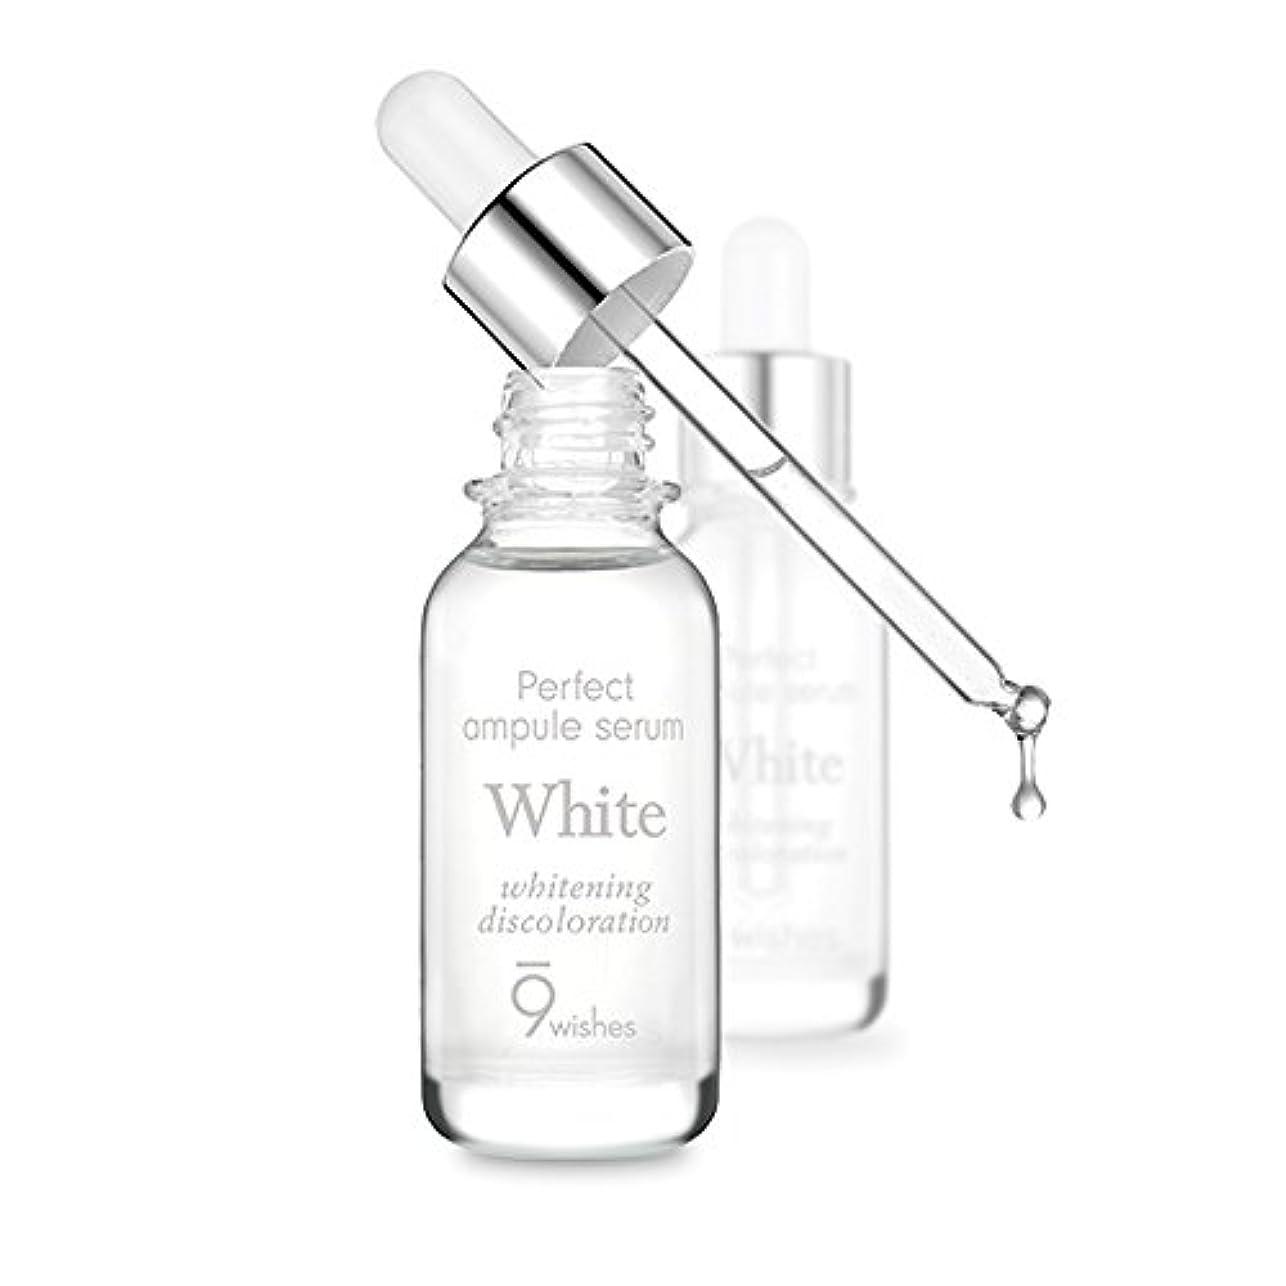 9WISHES(ナインウィッシュス) パーフェクト アンプル セラム/Perfect Ample Serum (#ホワイト(White)) [並行輸入品]